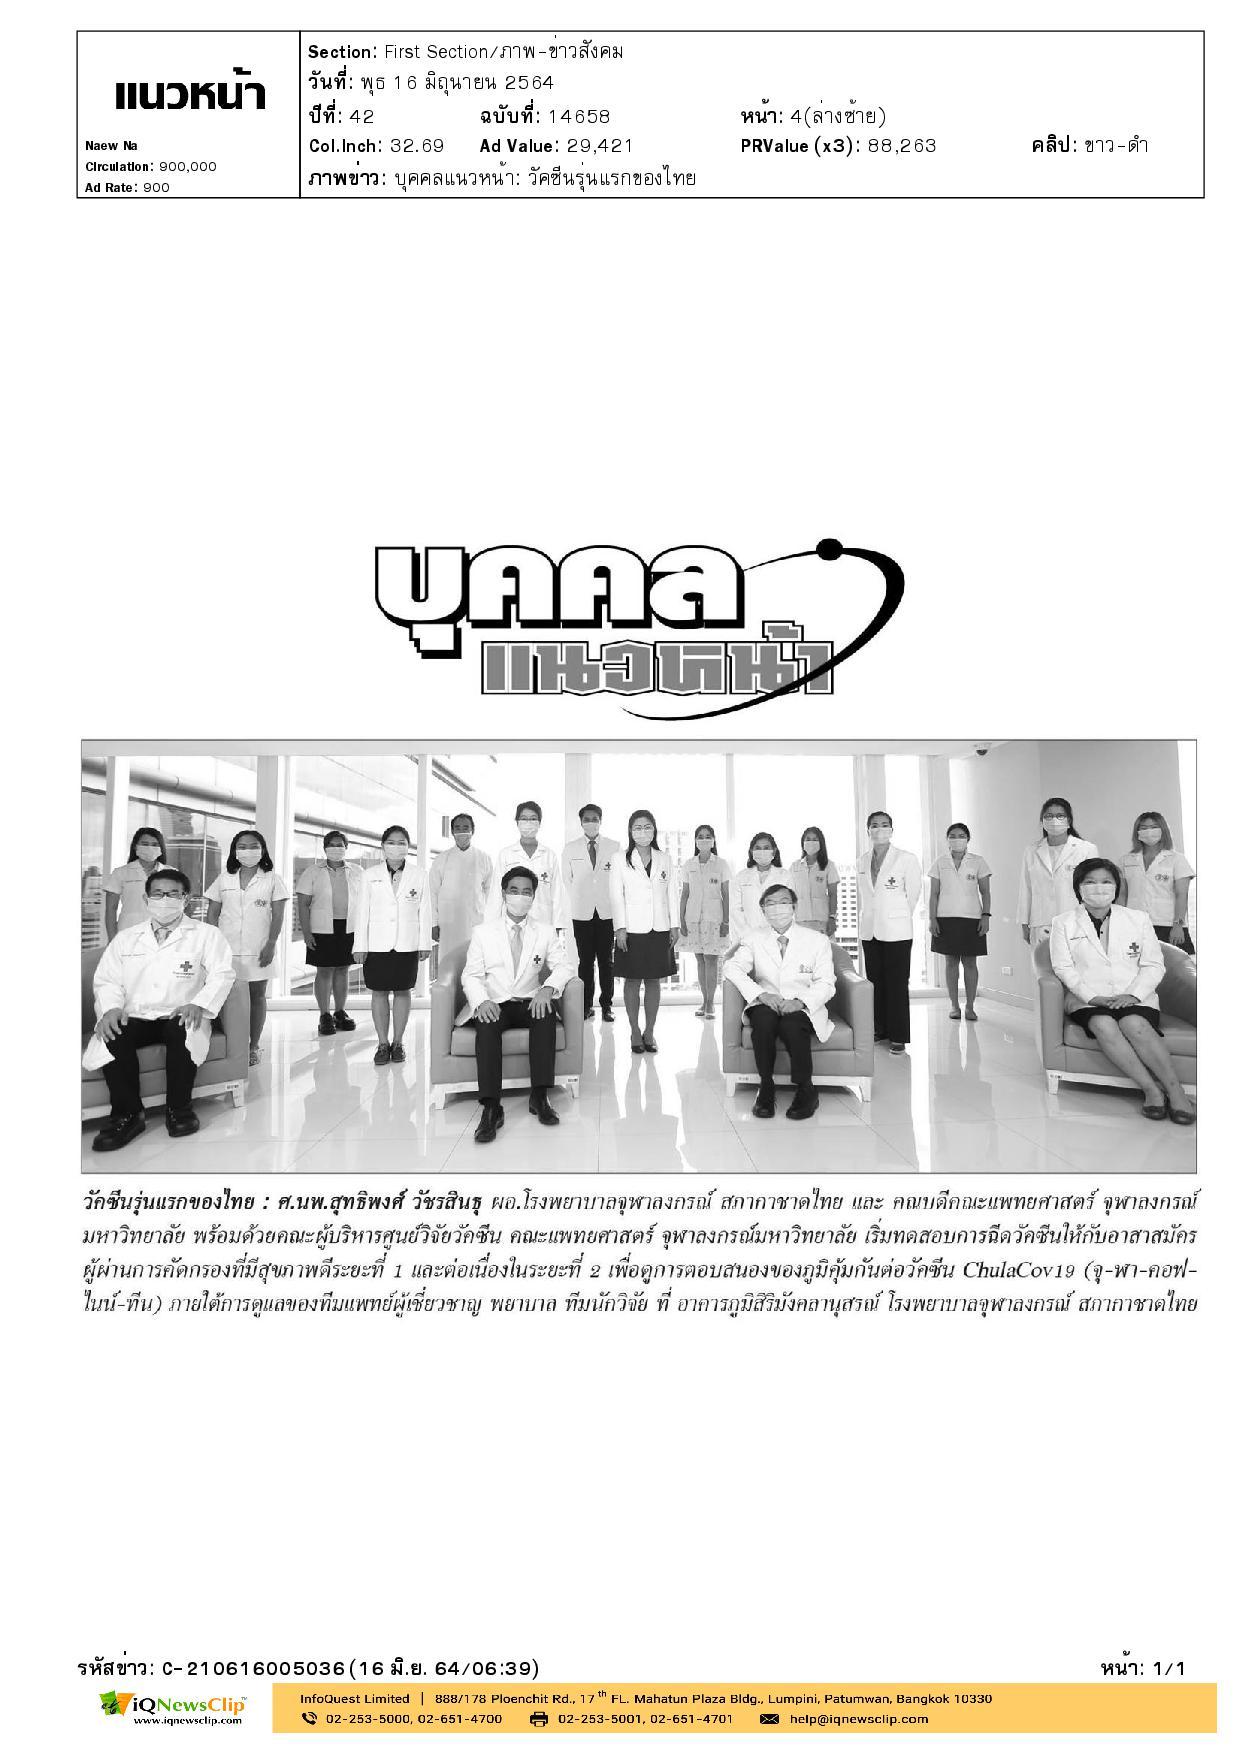 """รพ.จุฬาฯ เริ่มทดลองฉีดวัคซีน """"ChulaCov19"""" ของไทย"""